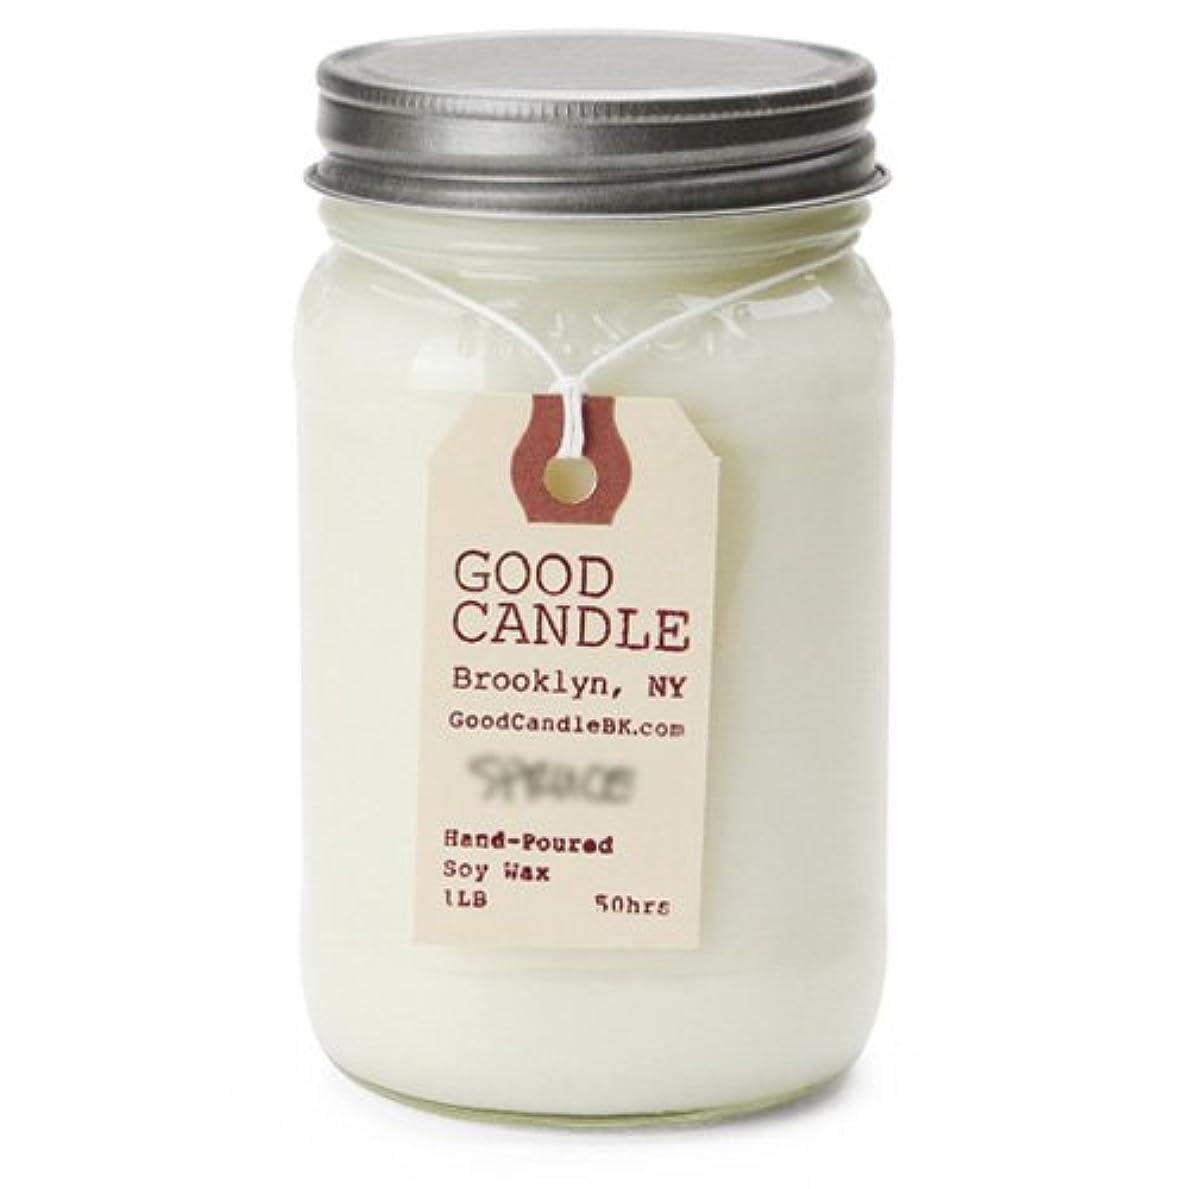 チキンムスぬれたグッドキャンドル 1ポンド メイソンジャー キャンドル Good Candle 1LB Mason jar candle [ bayberry ] 正規品